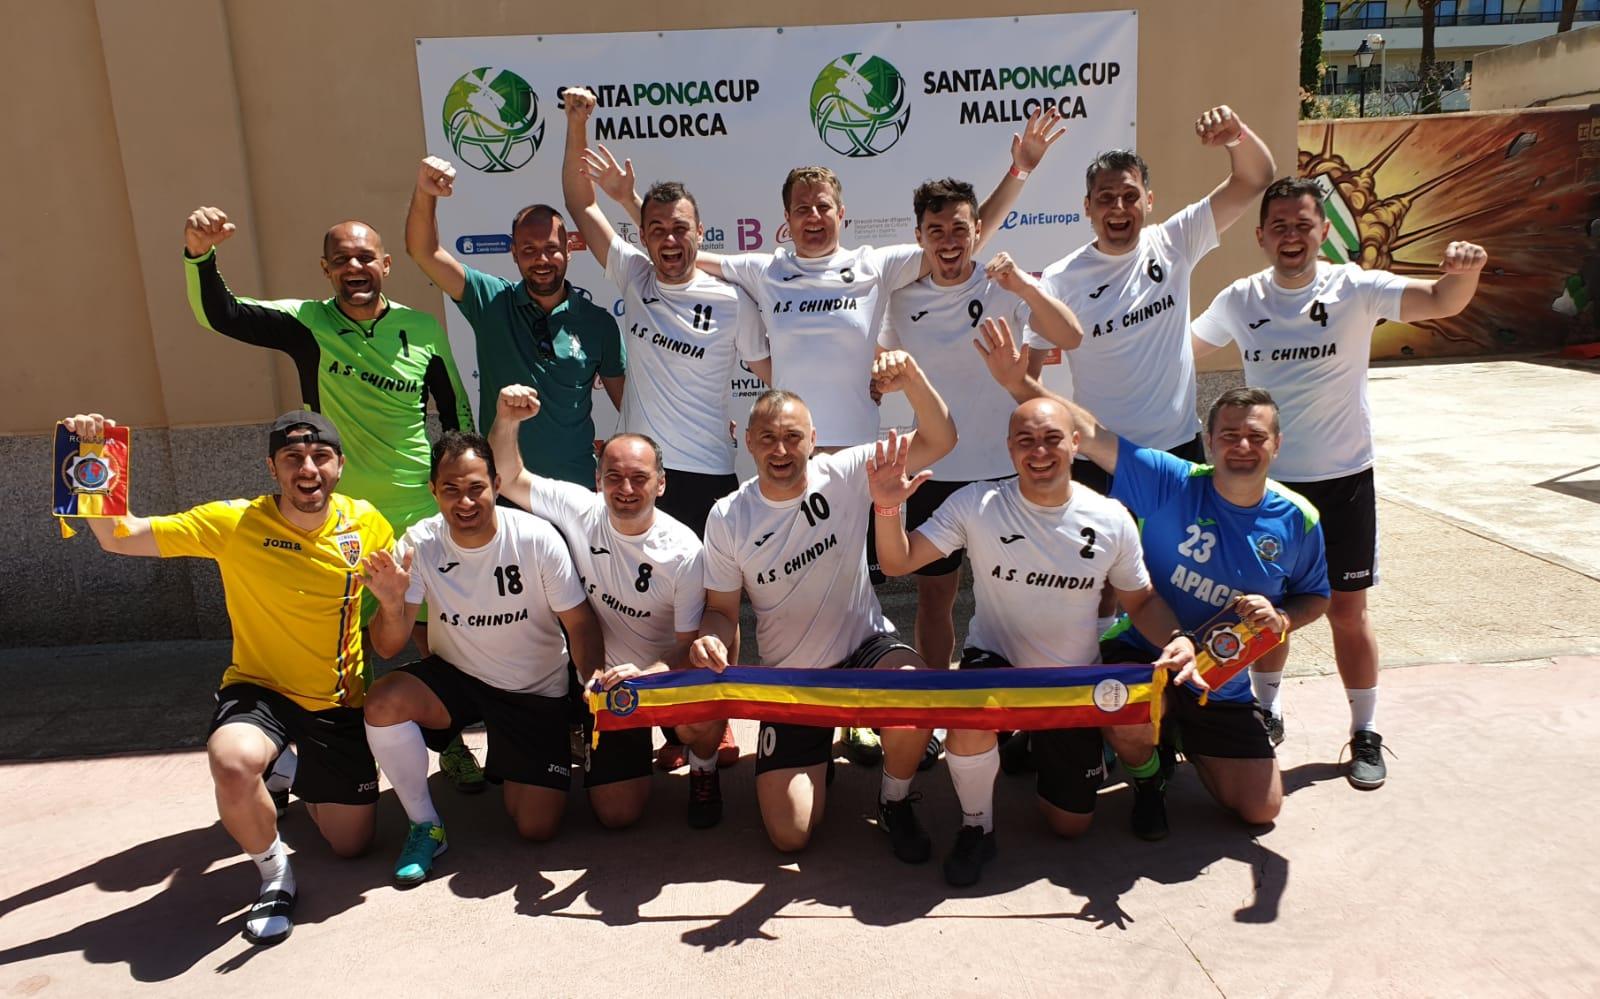 Echipa de fotbal a Asociației Internaționale a Polițiștilor 1 Dâmbovița a câștigat locul II la Campionatul Mondial IPA 2019, organizat în Palma de Mallorca din Spania